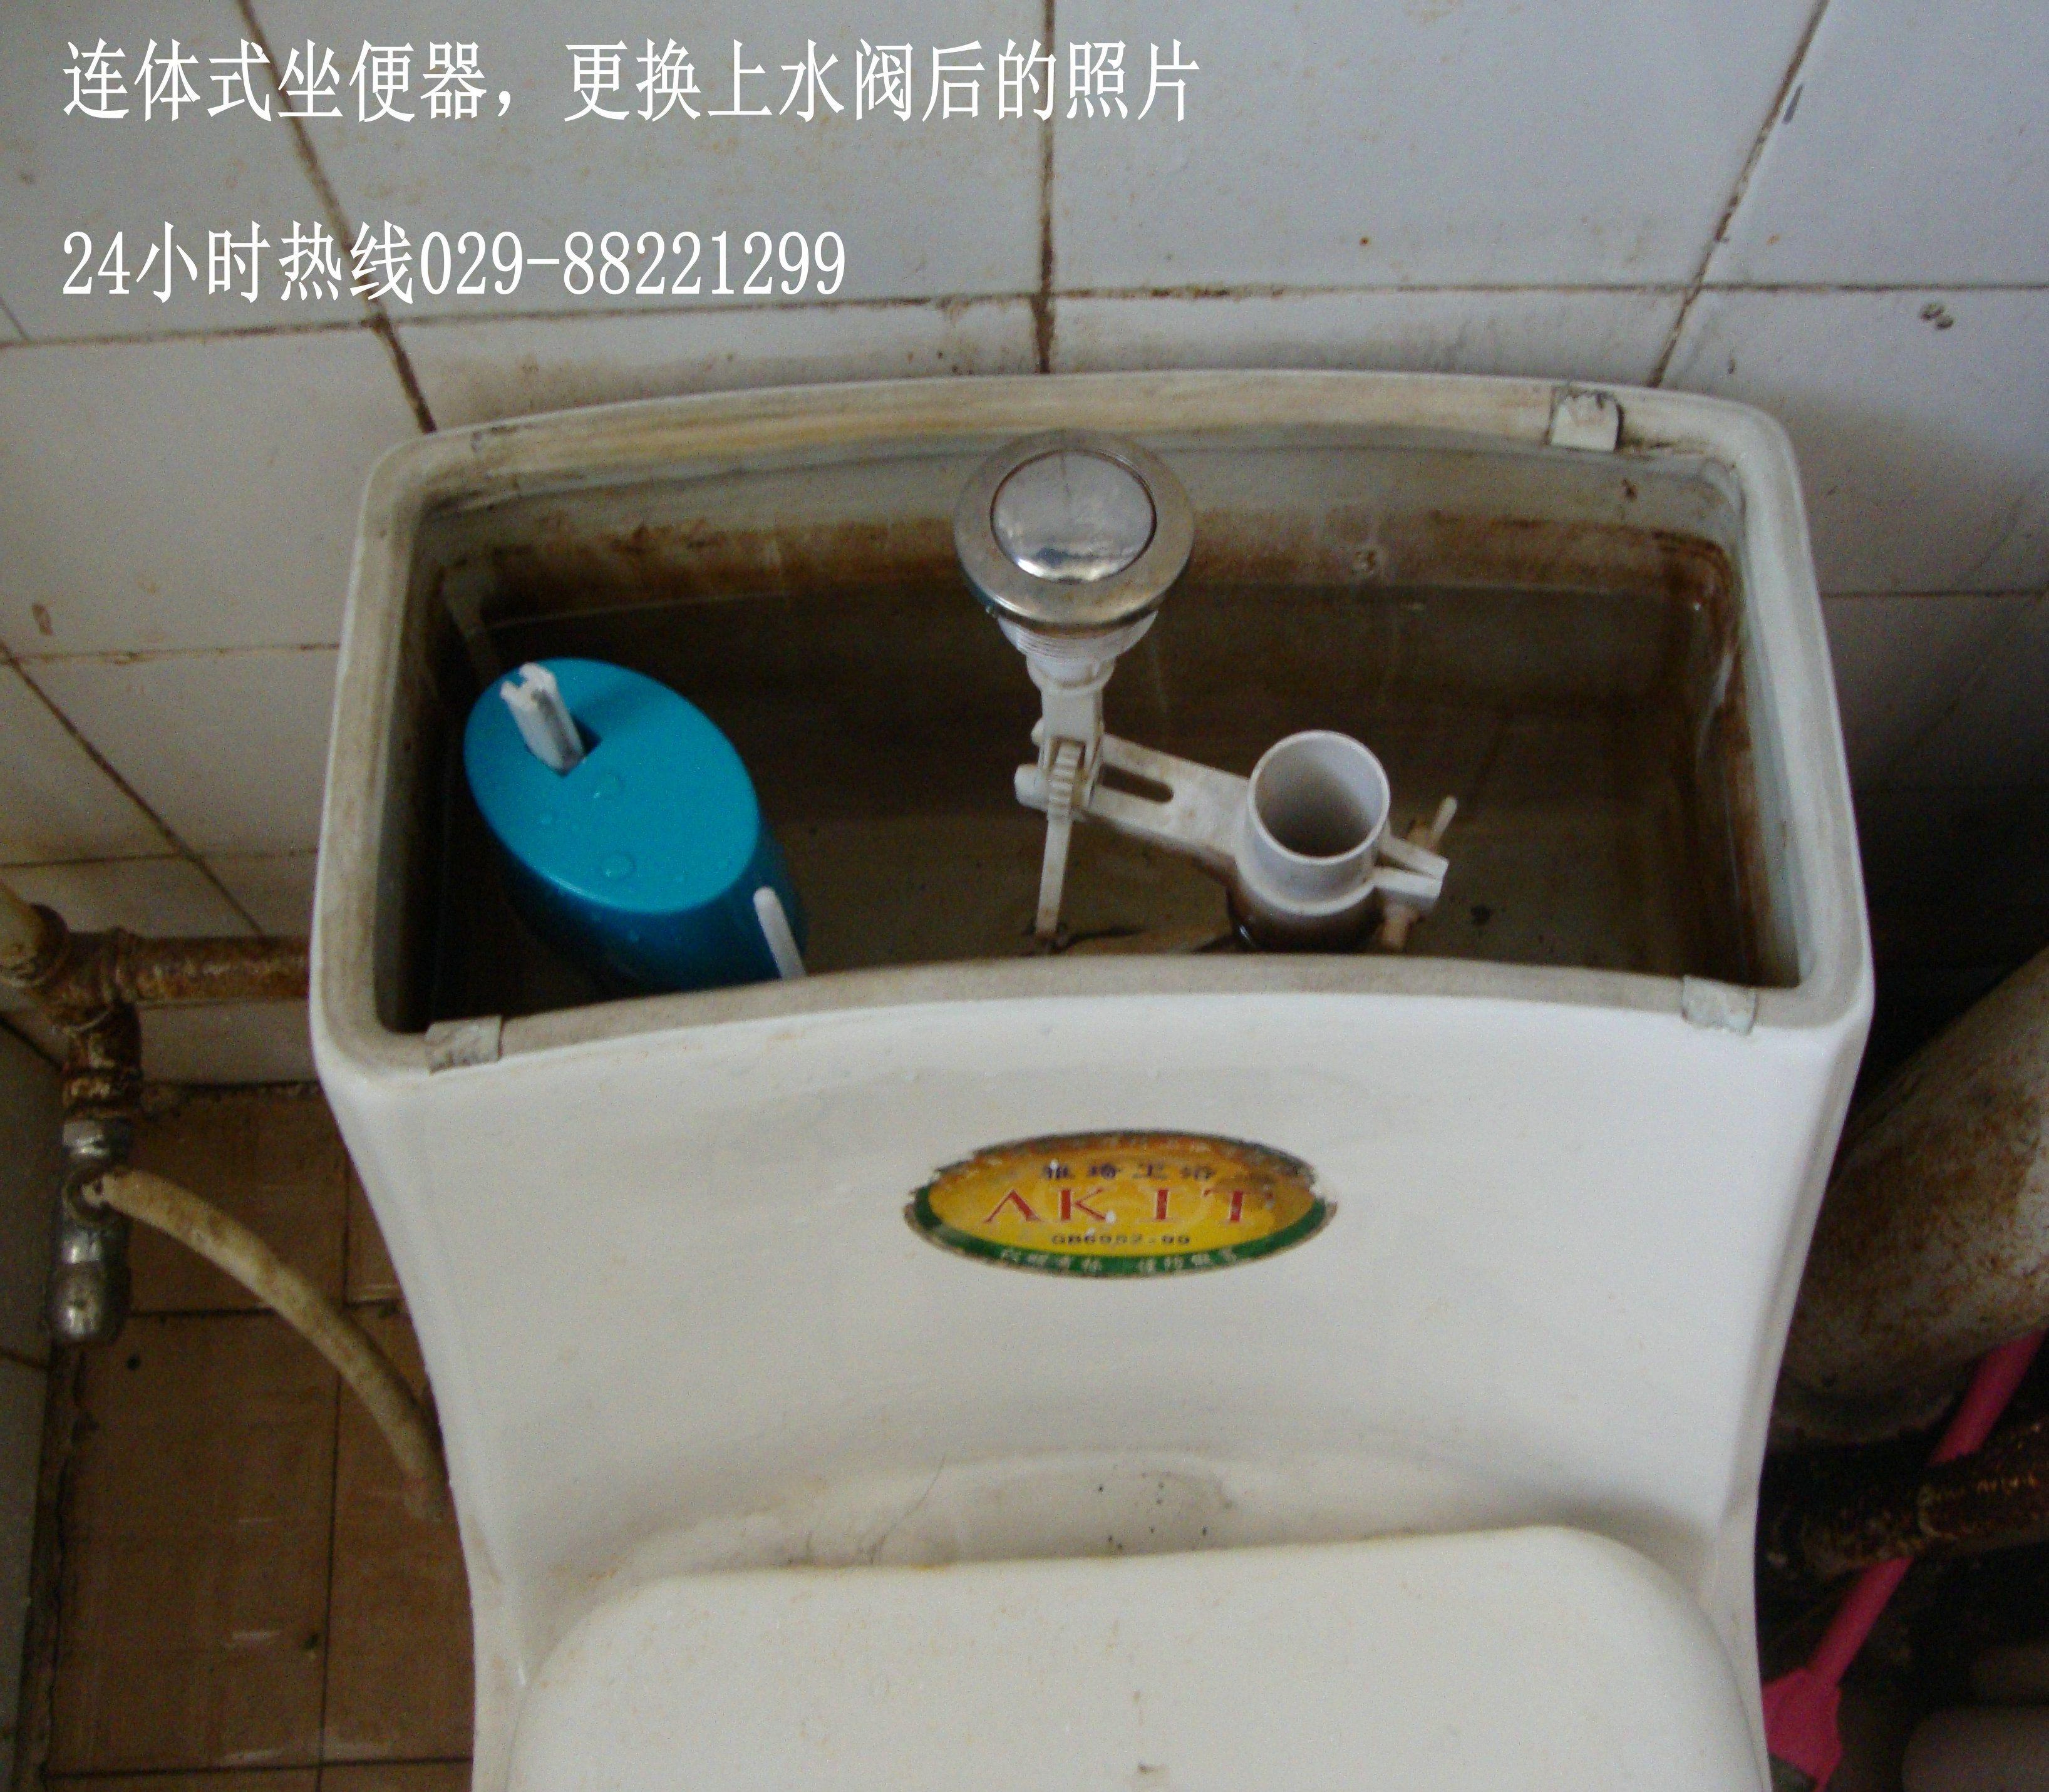 马桶的排水阀不能正常工作,一般可以调节排水阀的链子来解决问题图片